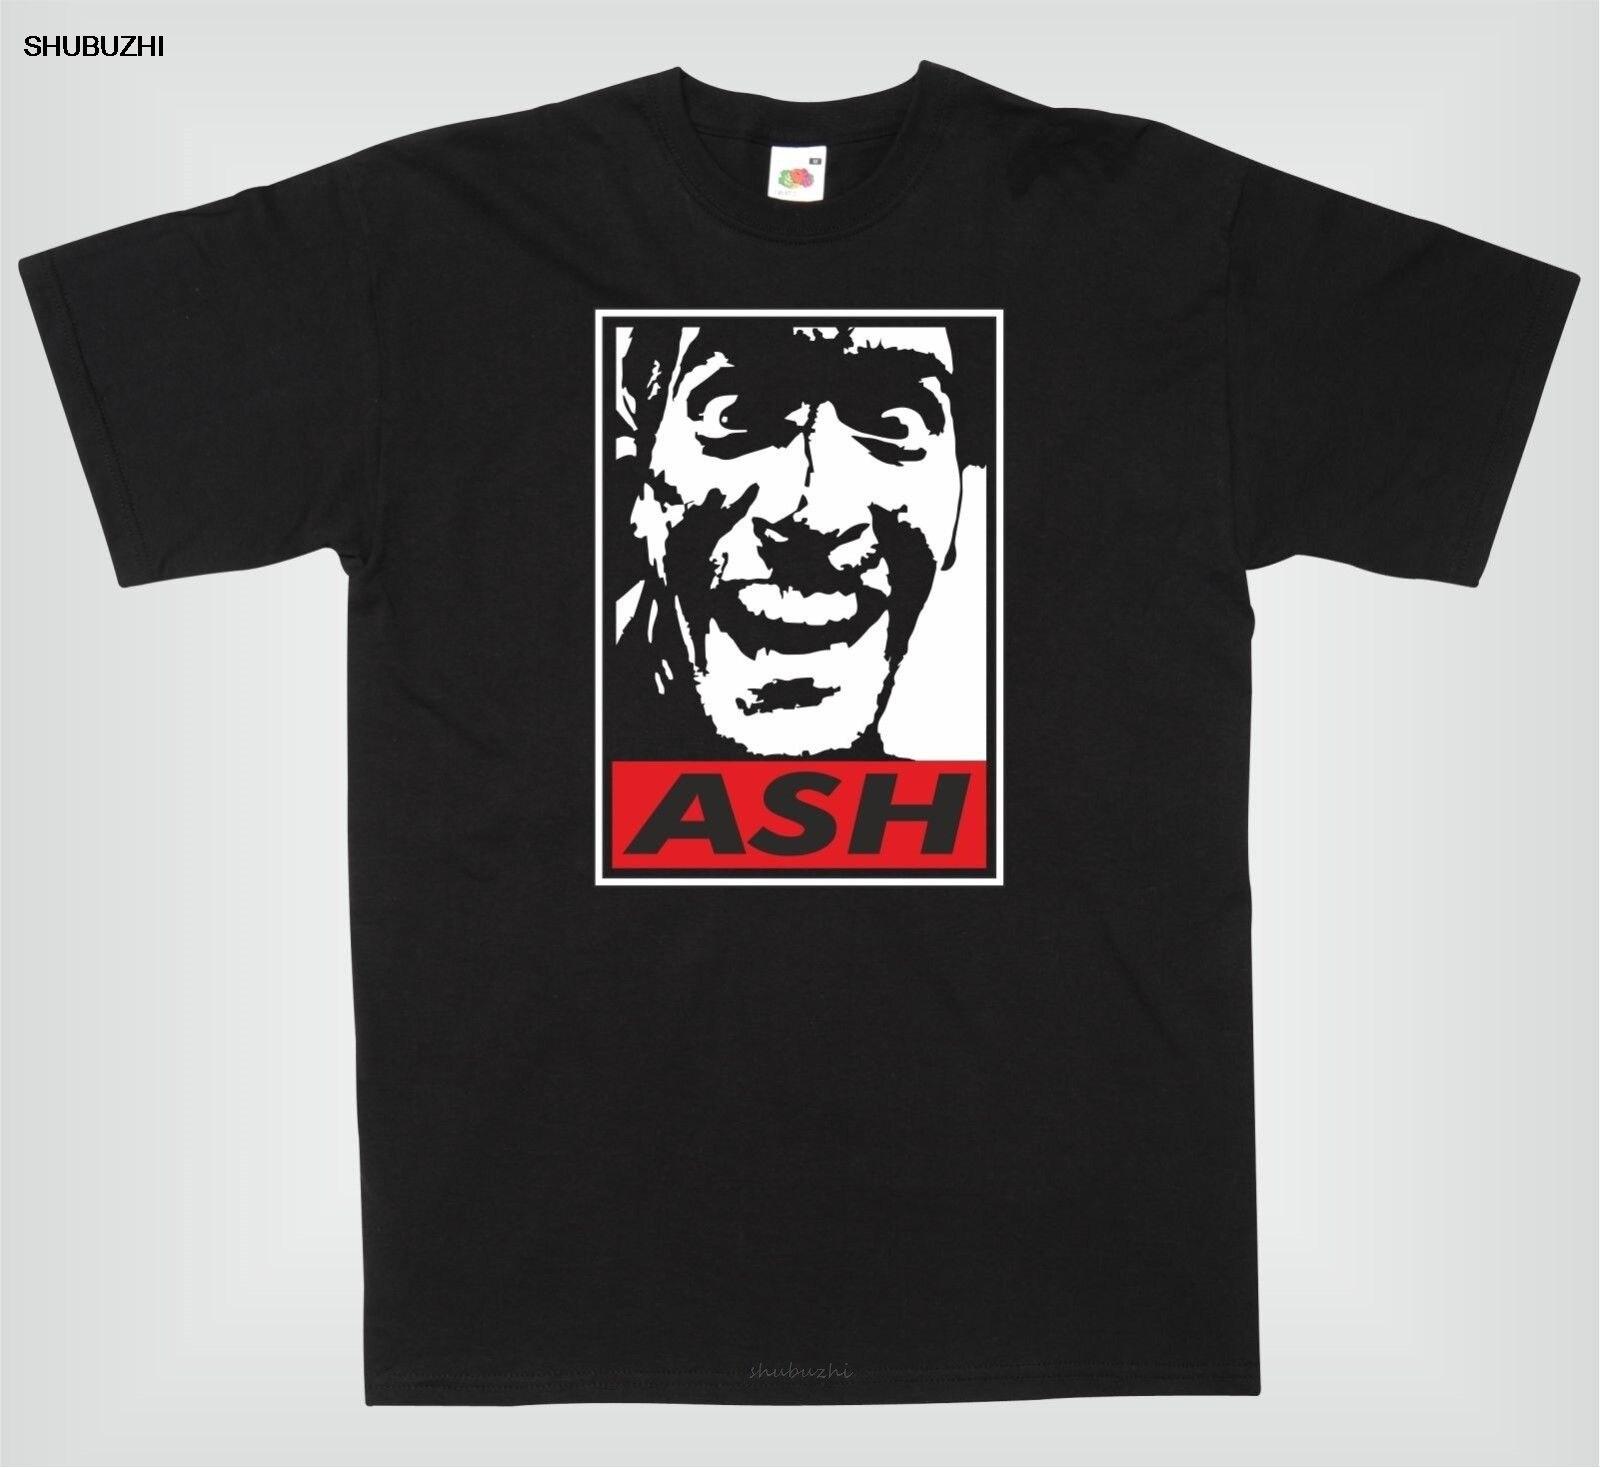 ASH contra EVIL DEAD inspirada impresionante y divertida camiseta para hombre, nueva Camiseta de algodón para hombre, Camiseta de cuello redondo barata para hombre